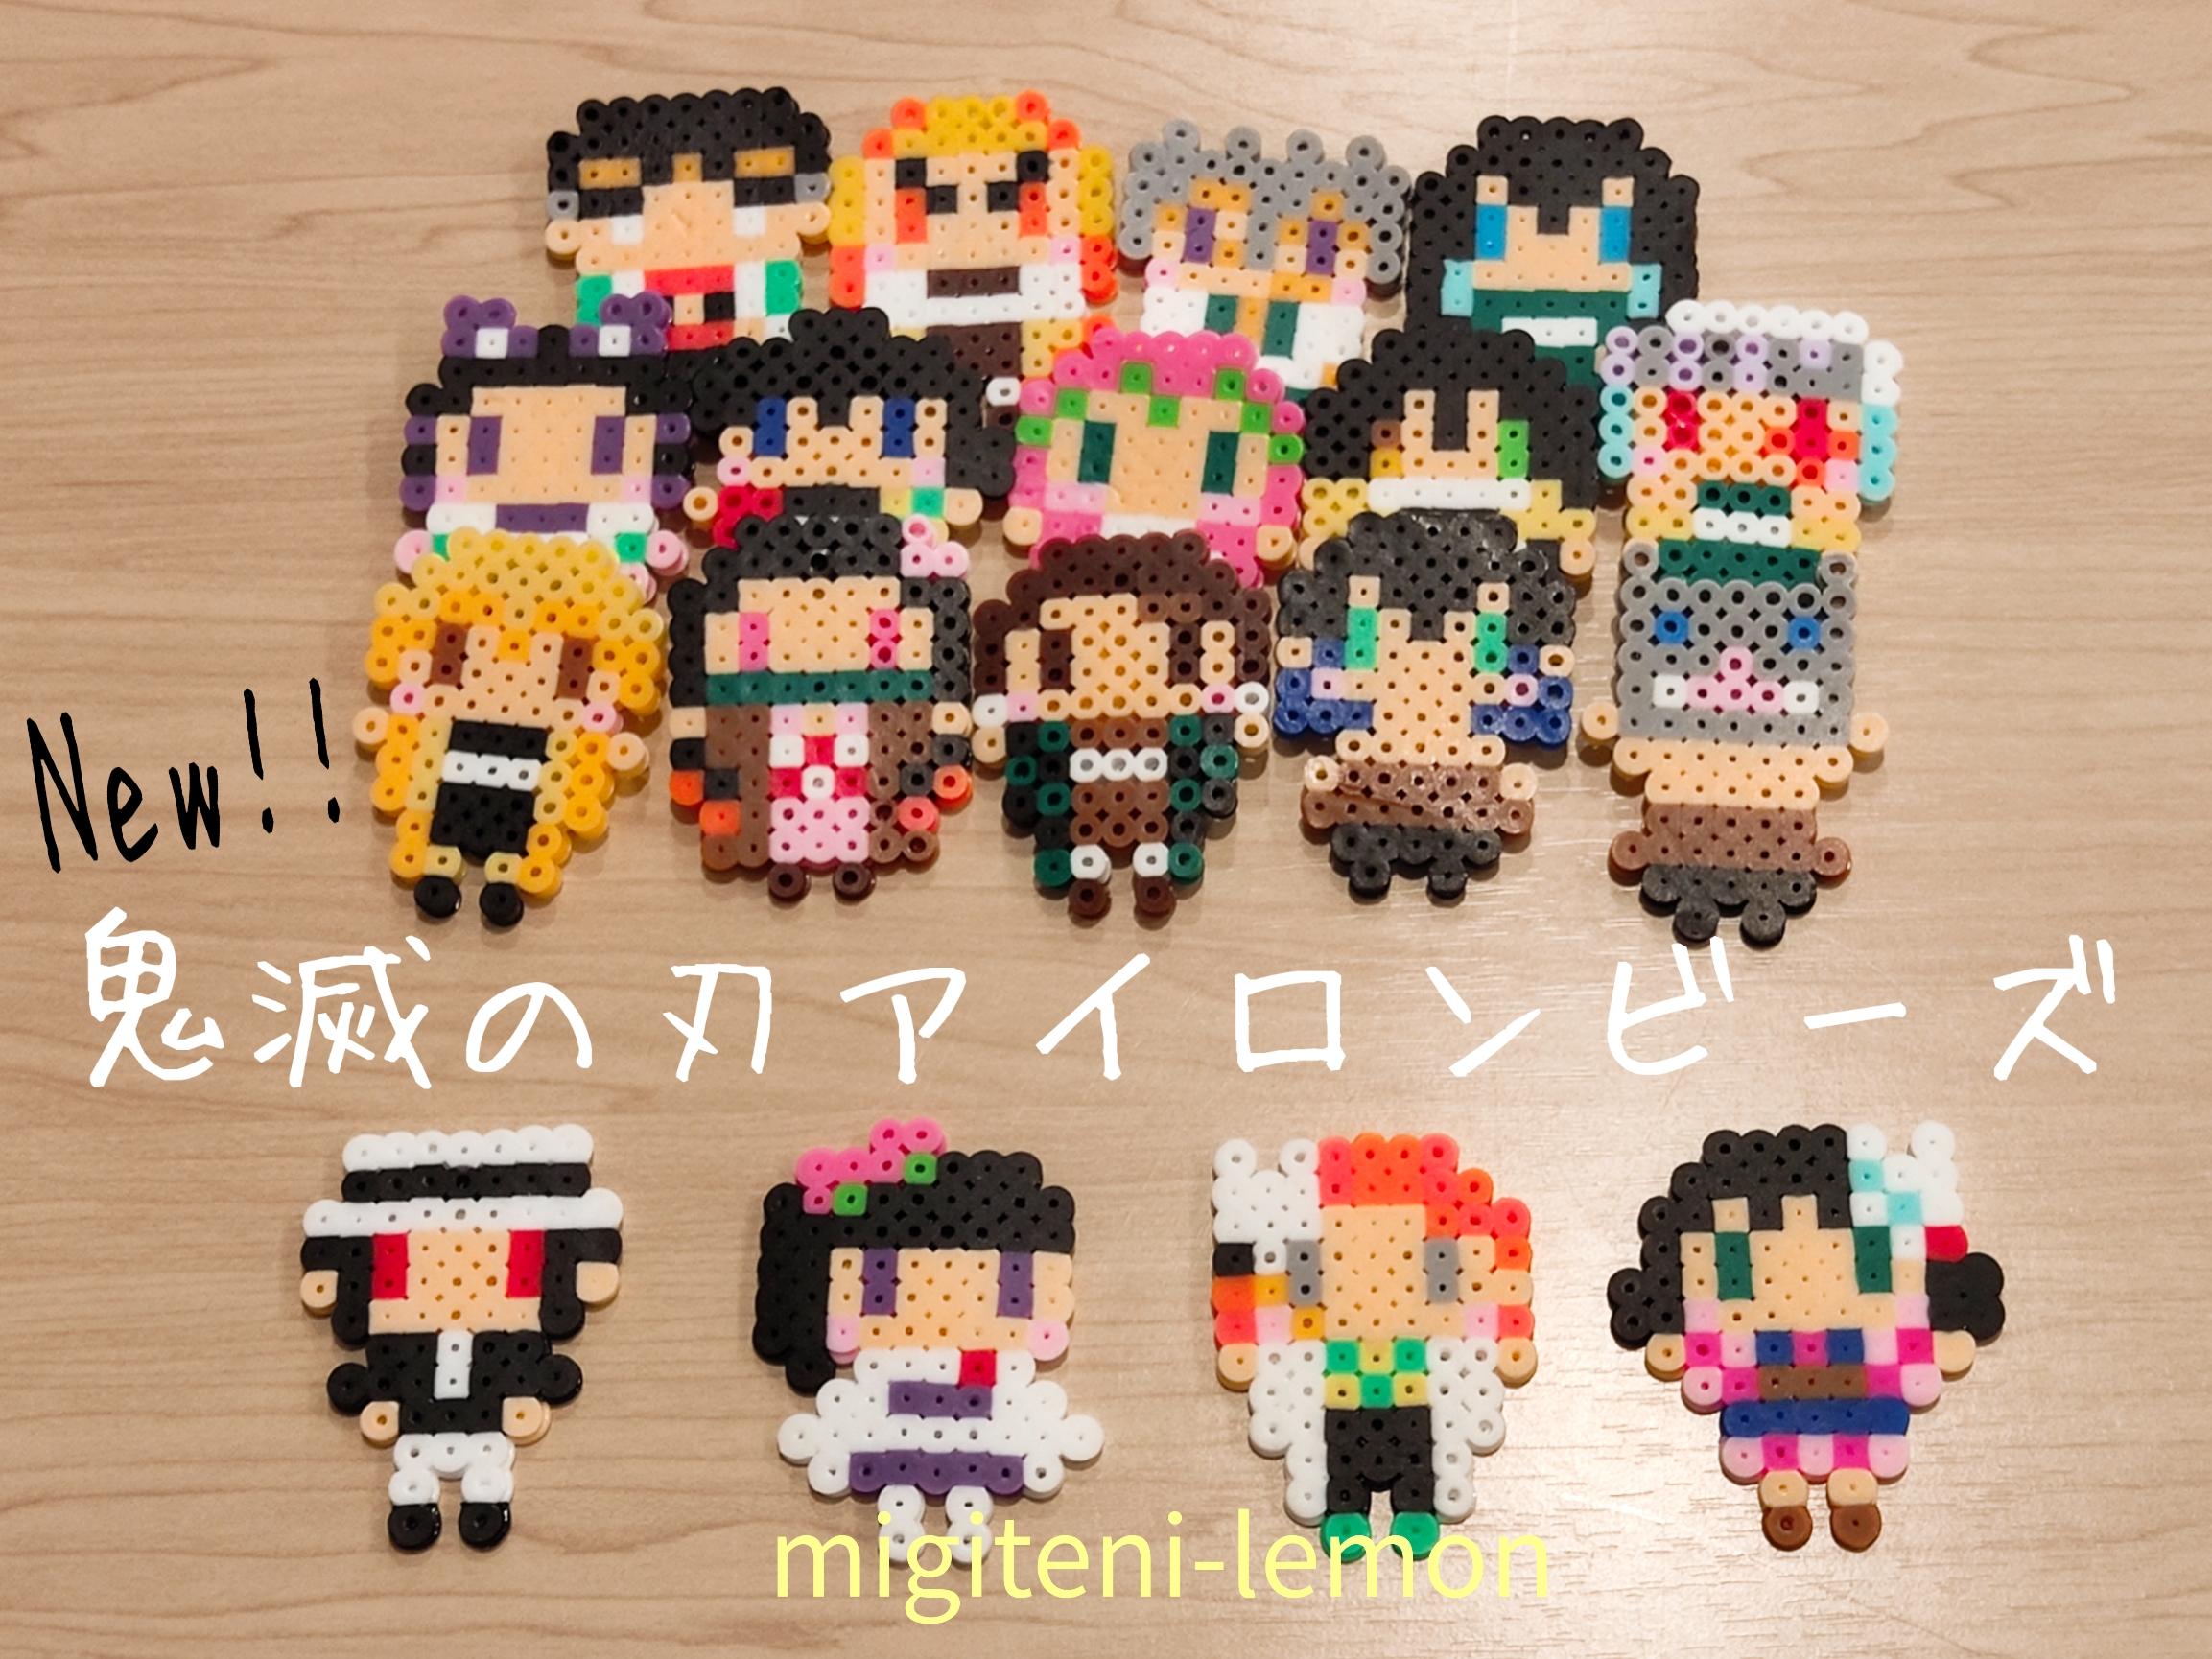 kimetsu-yaiba-ironbeads-new